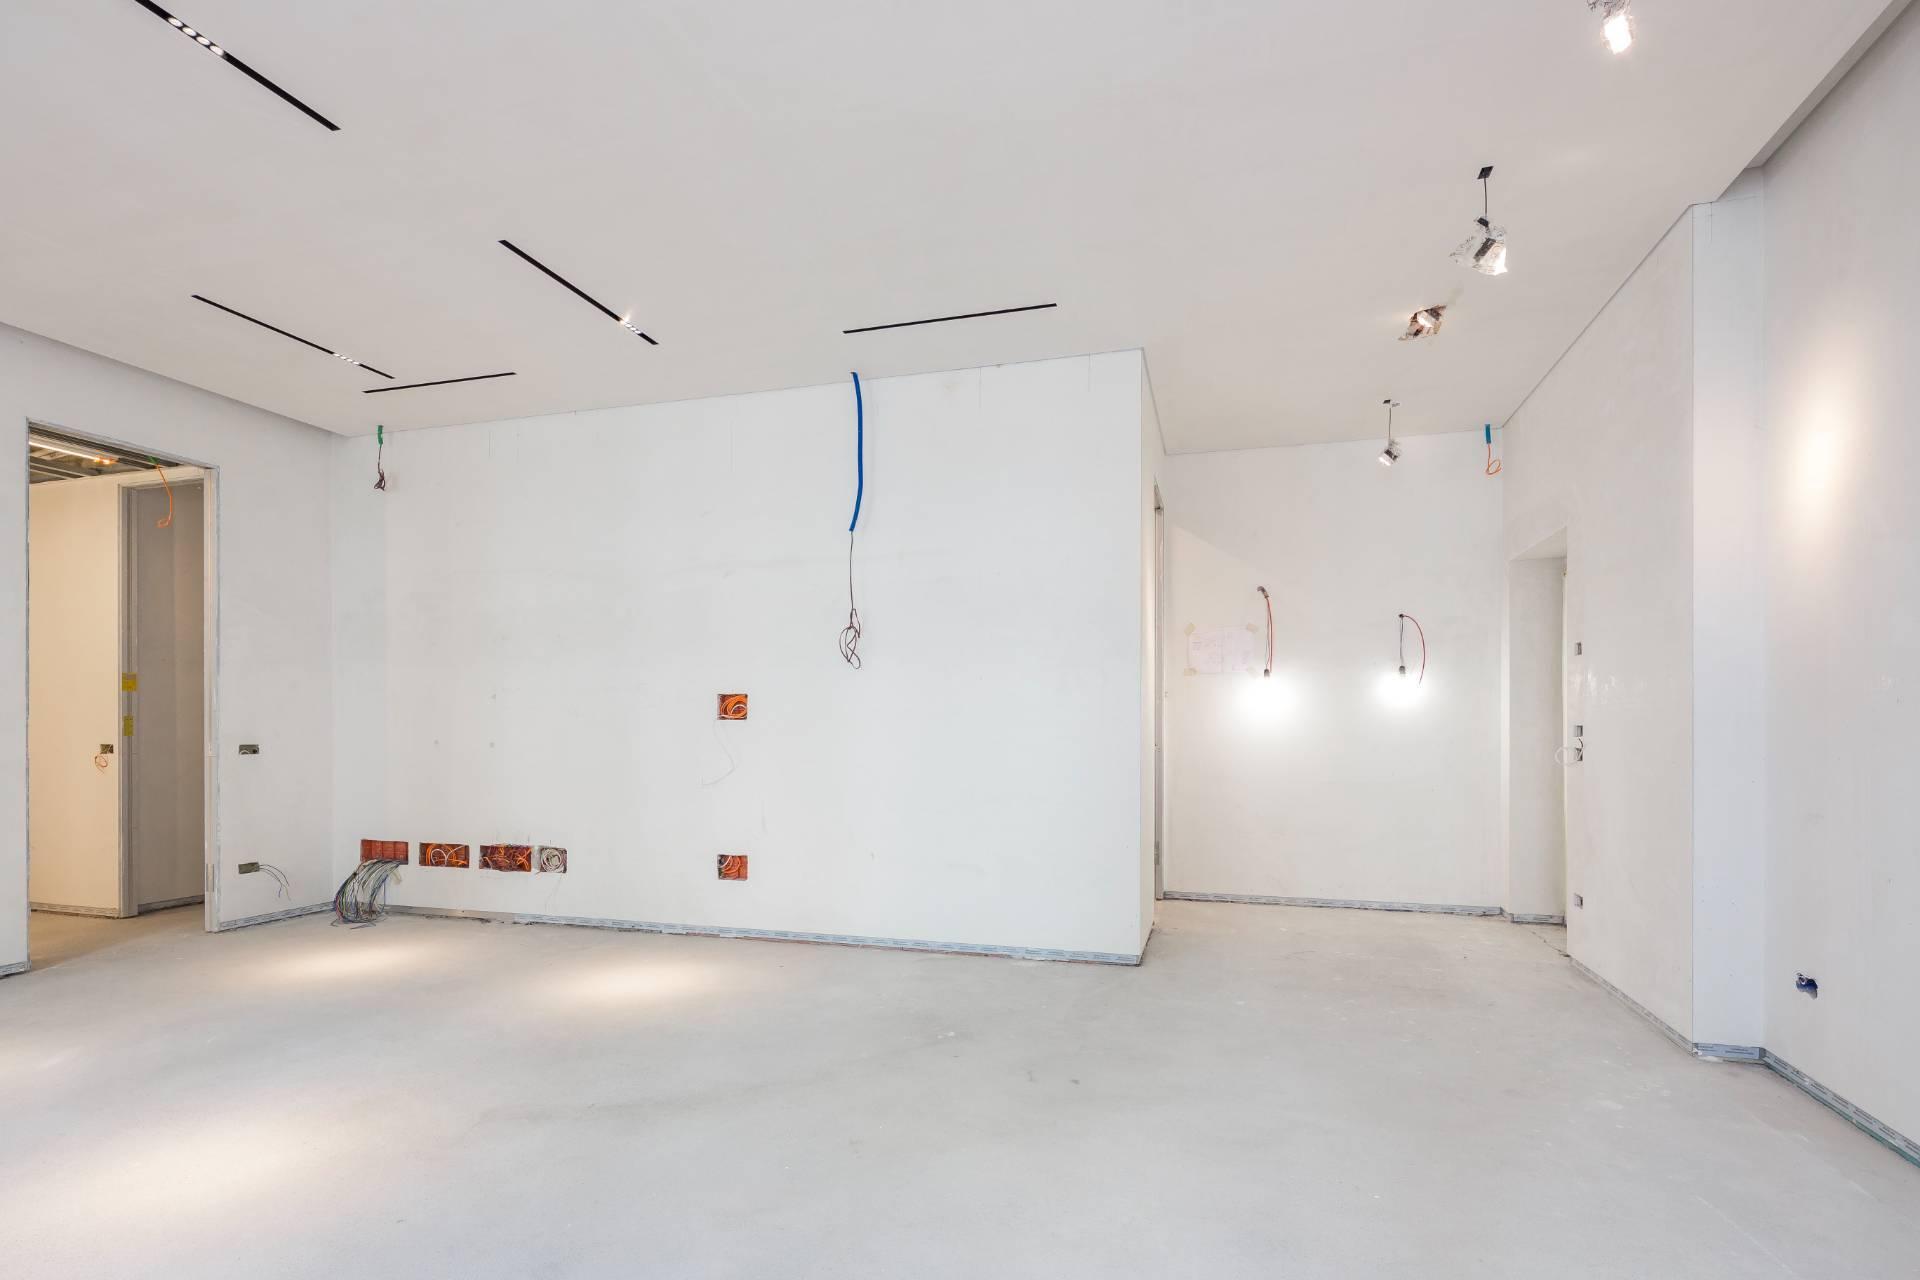 Appartamento signorile in Via Mascagni - 14